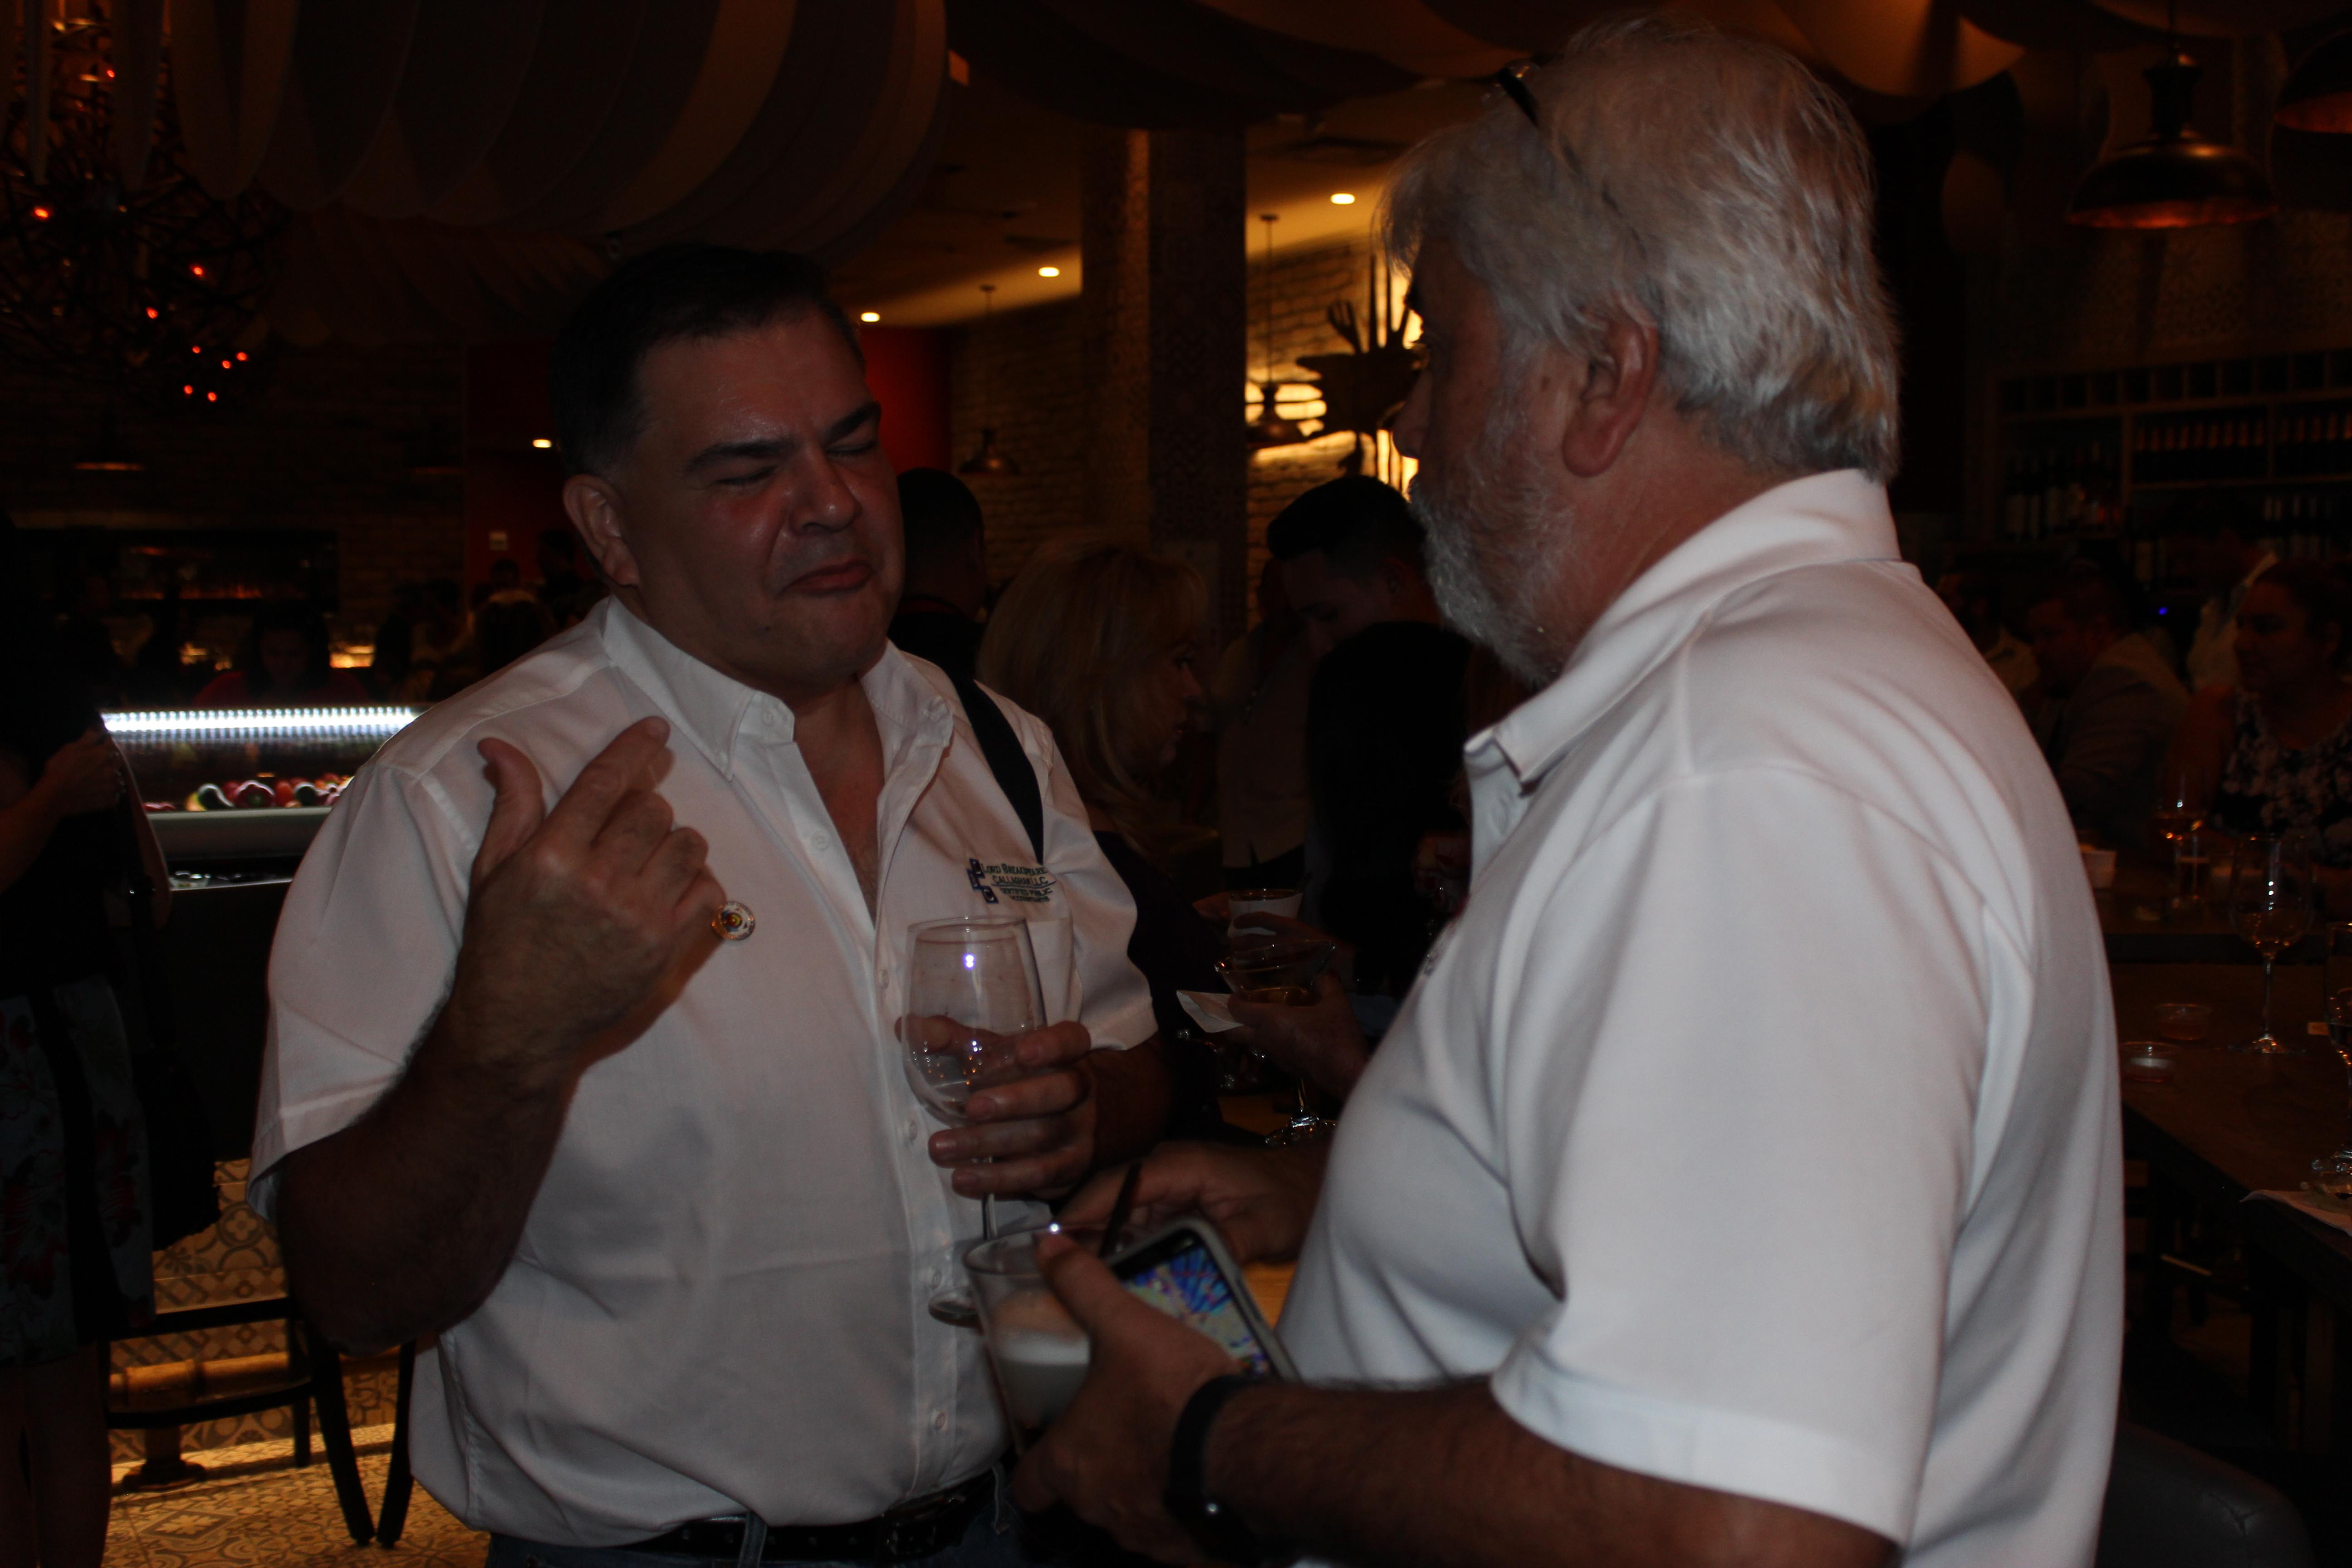 El Gran Inka Grand Opening people talking and having drinks.